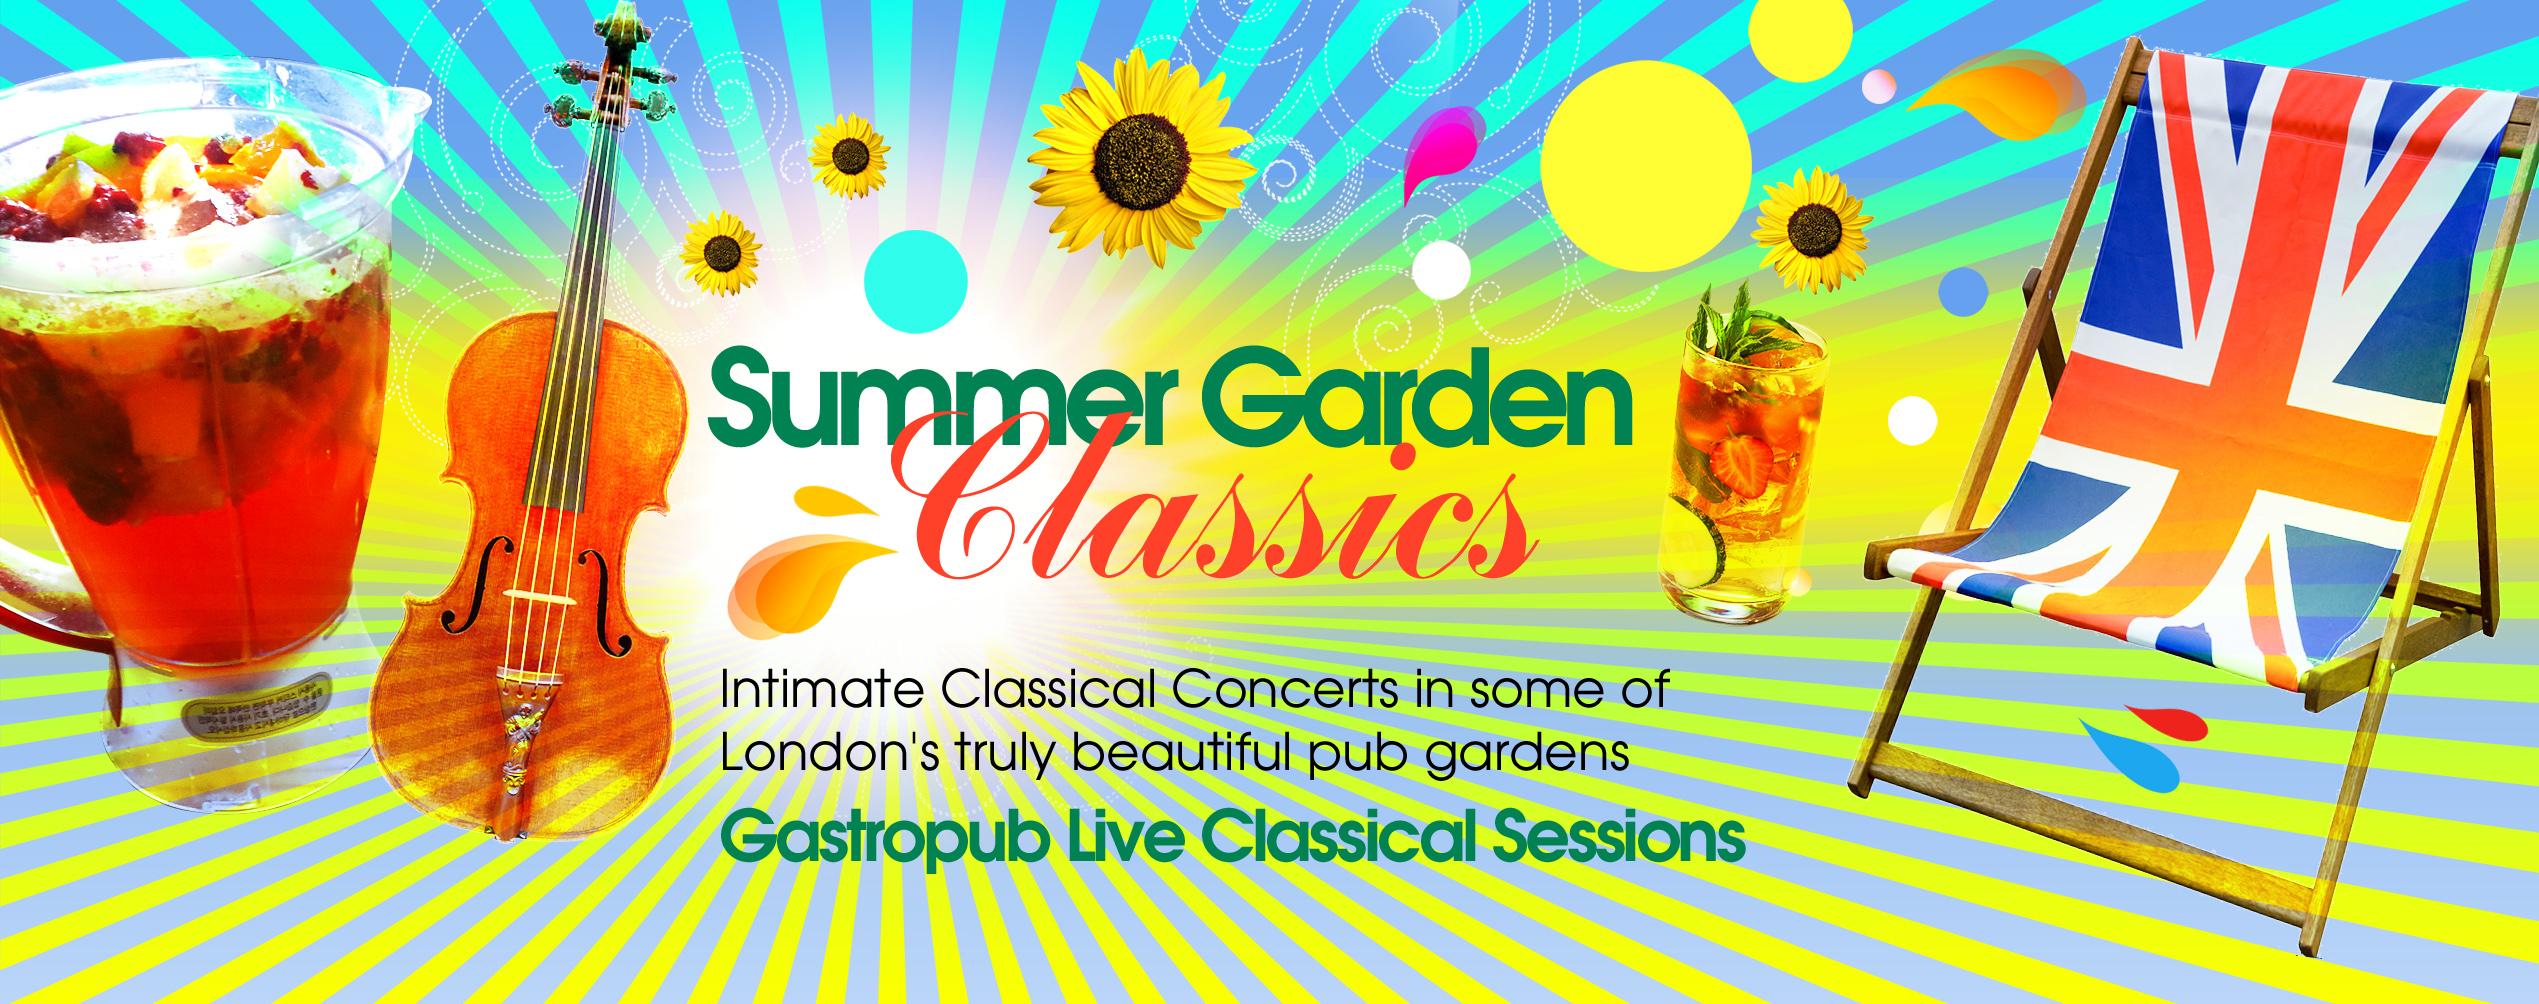 Summer Garden Classics